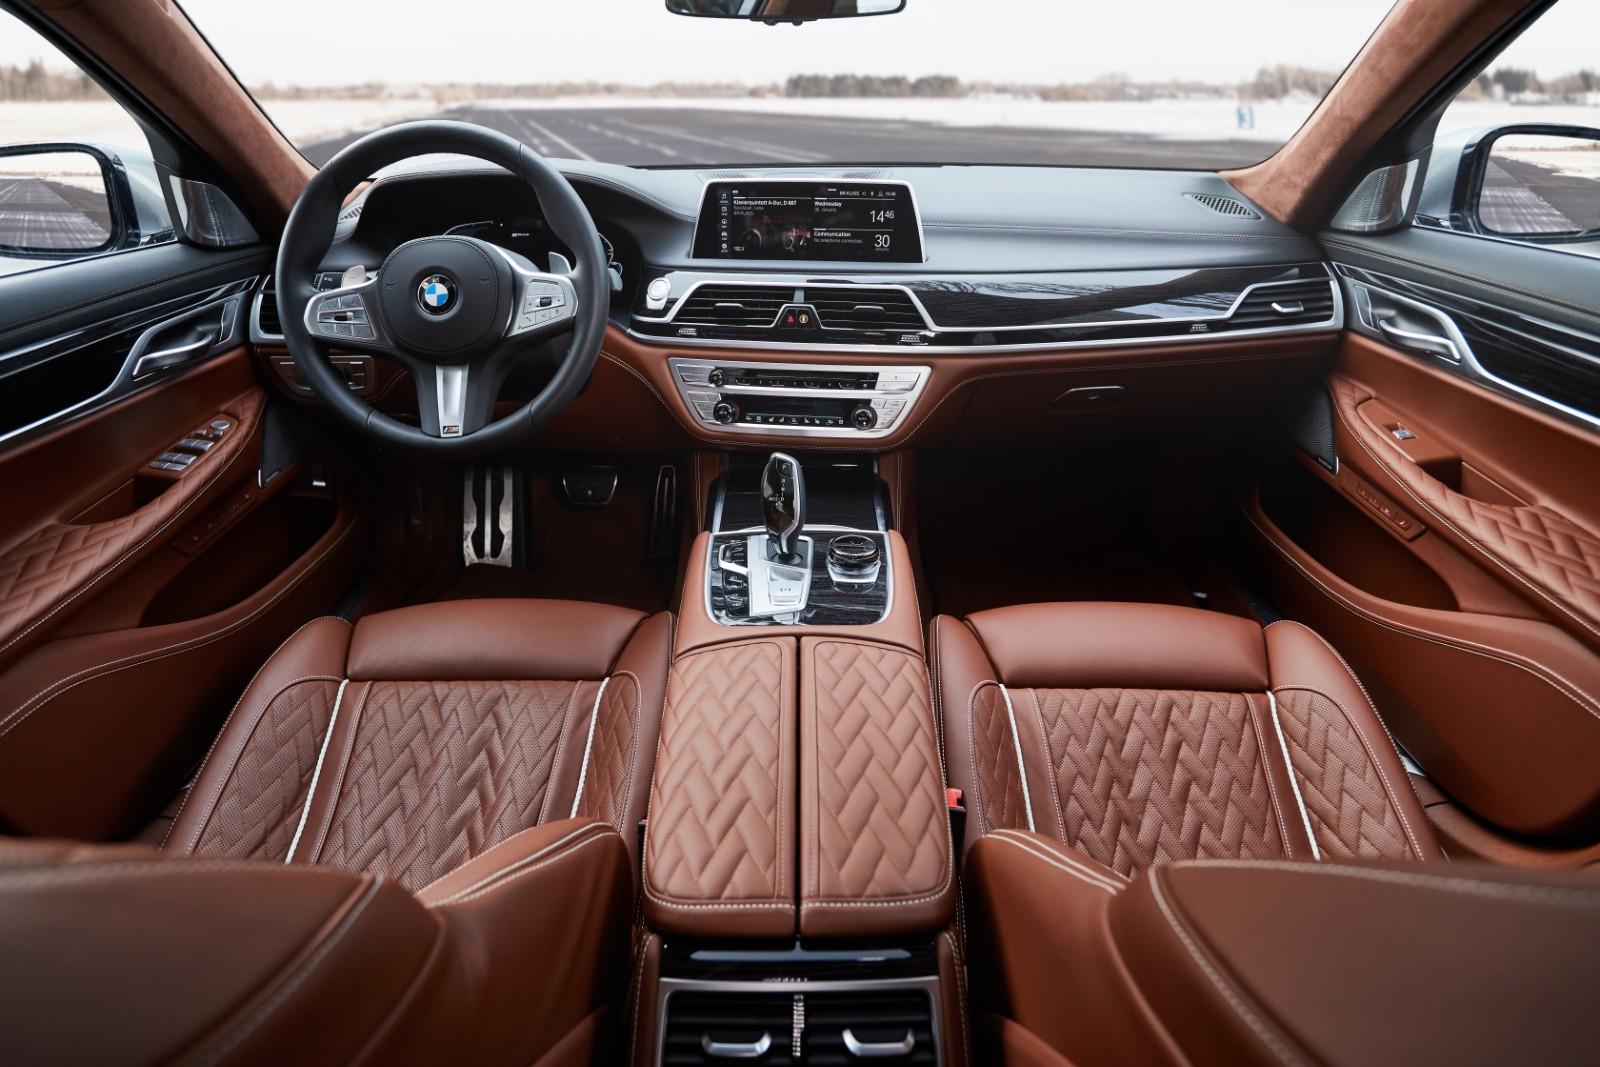 BMW Seria 7 Plug-in Hybrid (4)